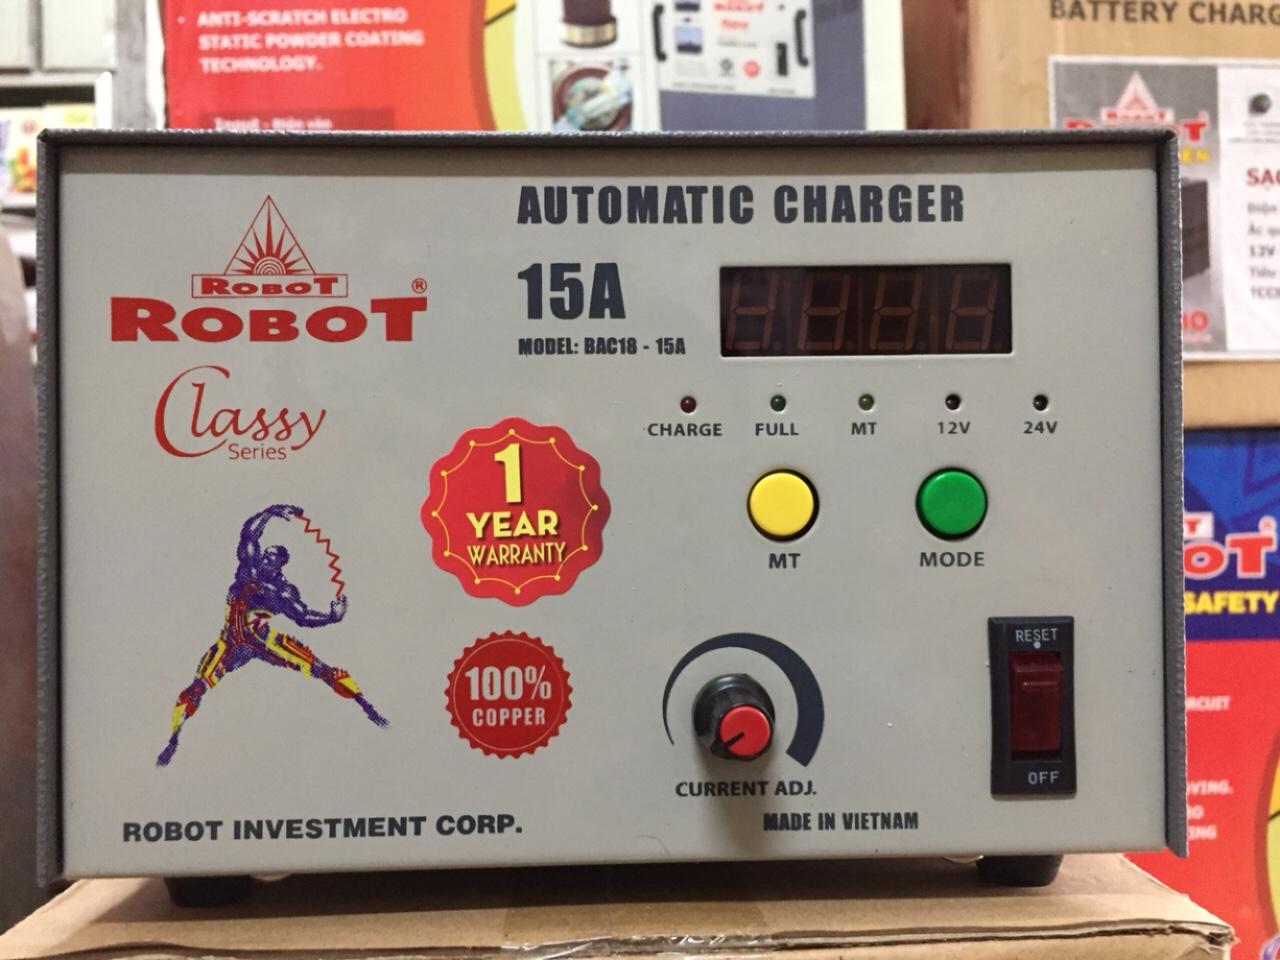 Sạc Tự Động Robot 15A (Dây đồng)